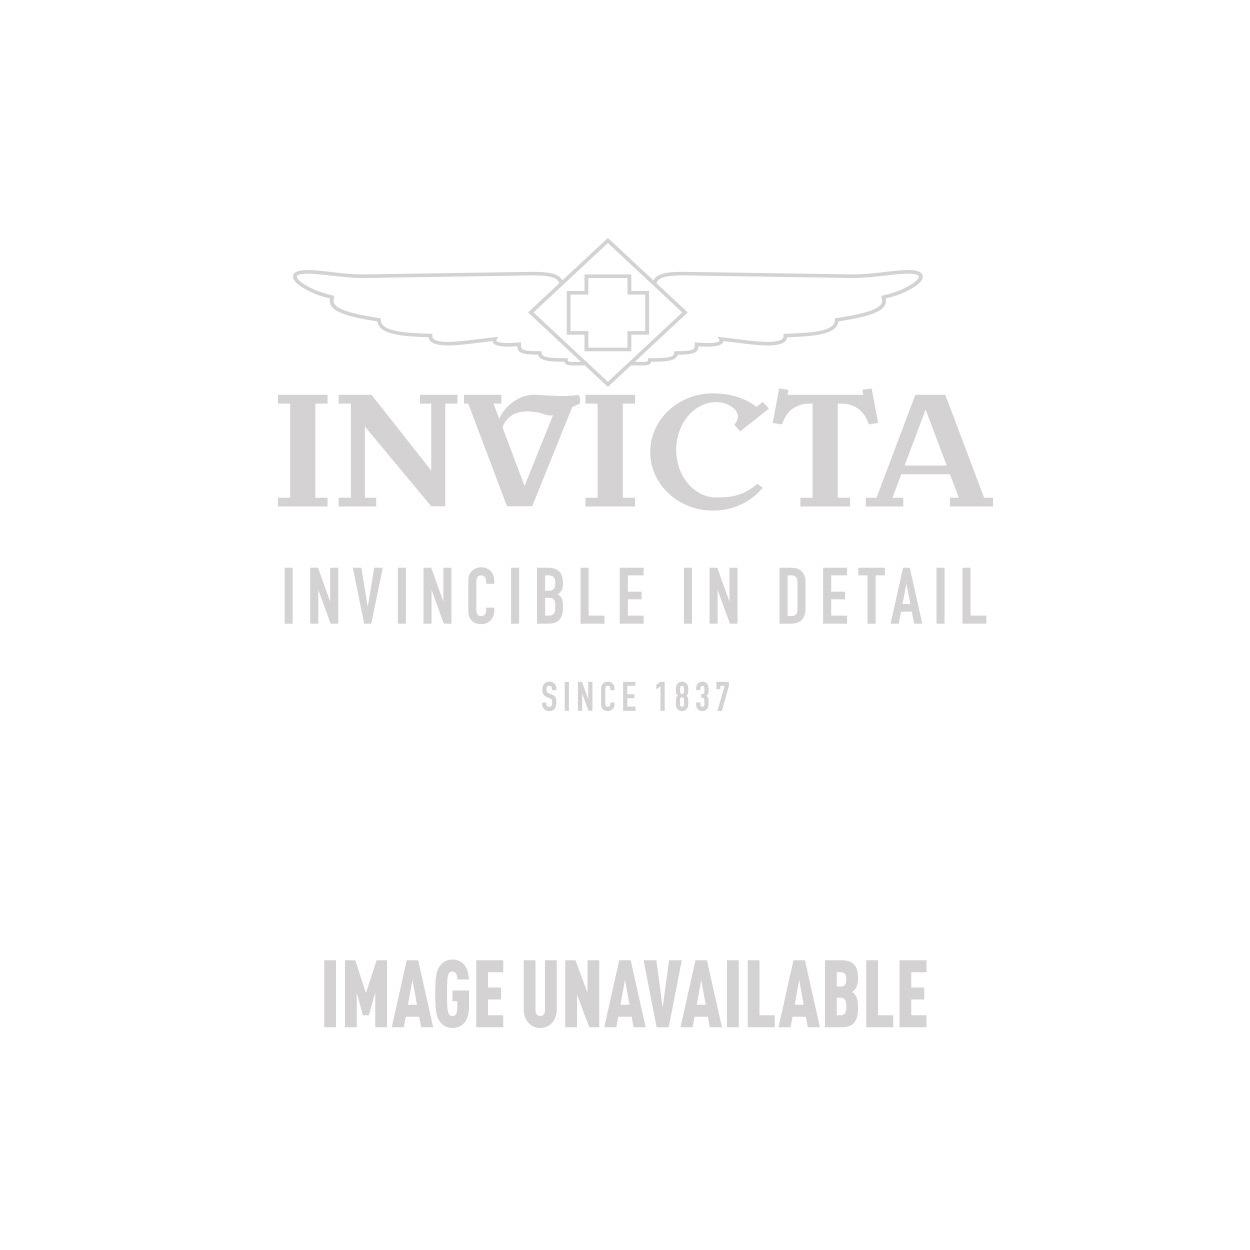 Invicta Model 22781